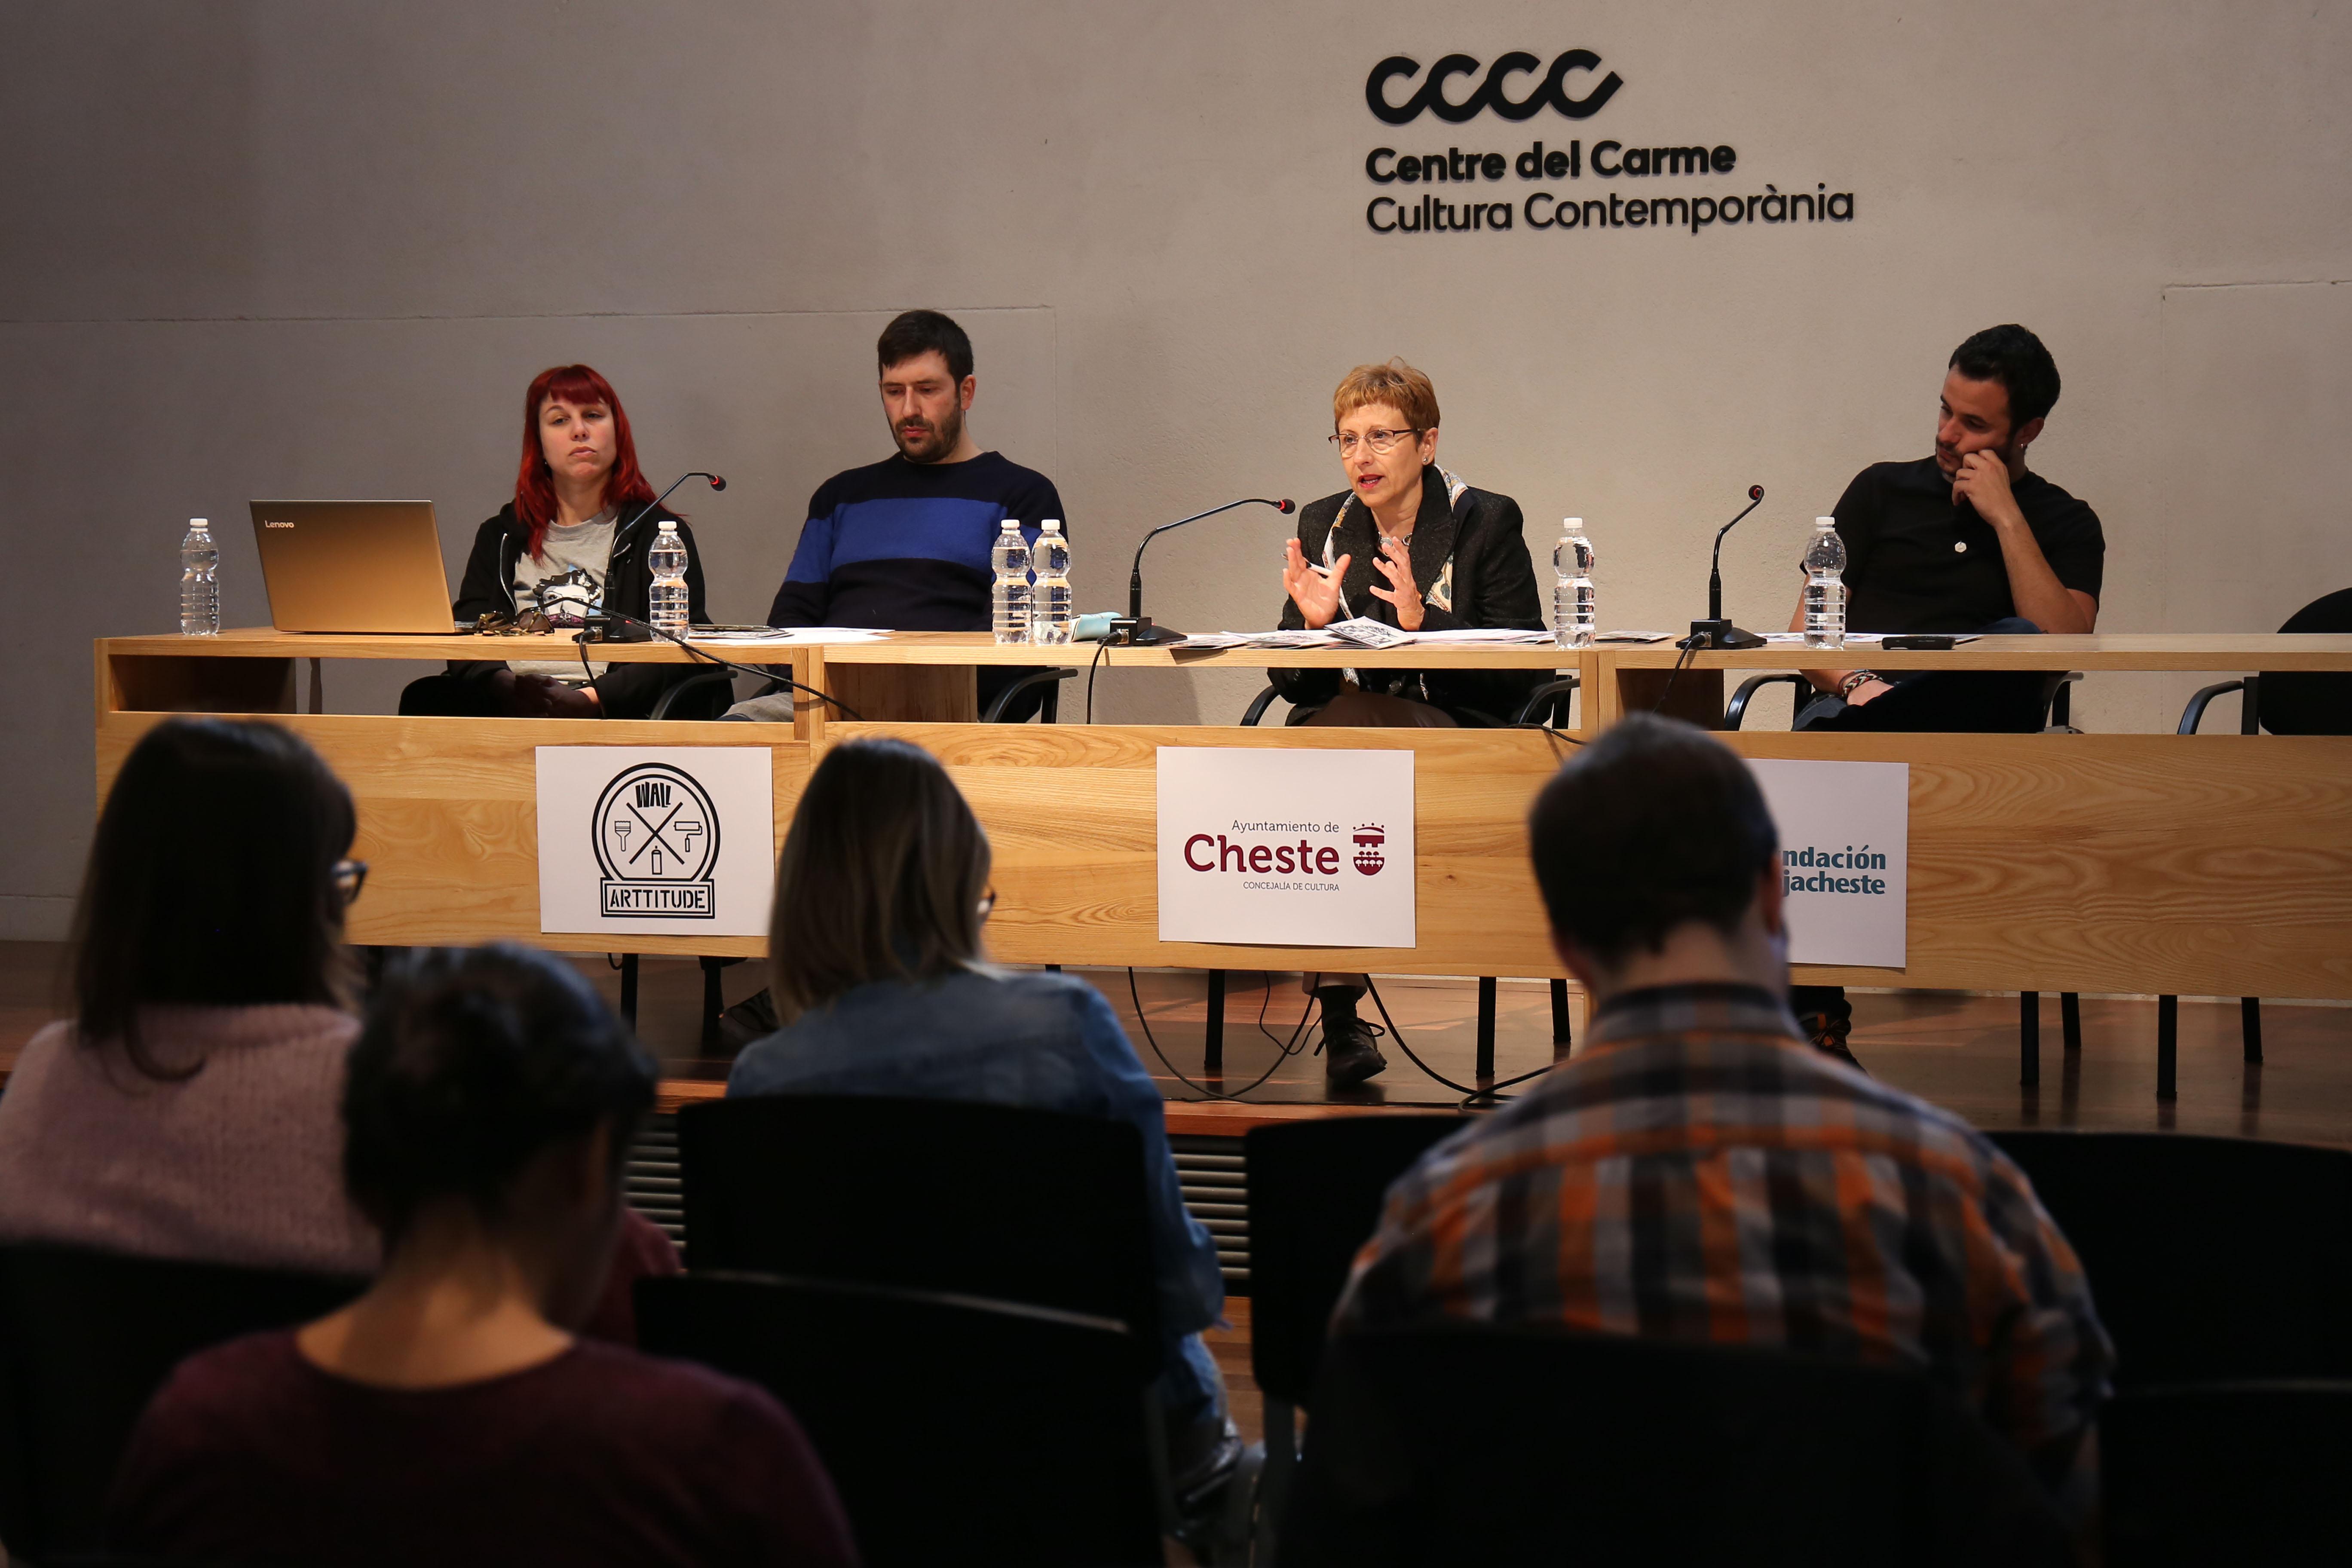 El Centre del Carme ha acogido la presentación de la cuarta edición del festival de arte urbano 'Graffitea Cheste' organizado por la Concejalía de Cultura y la asociación Wall Arttitude.